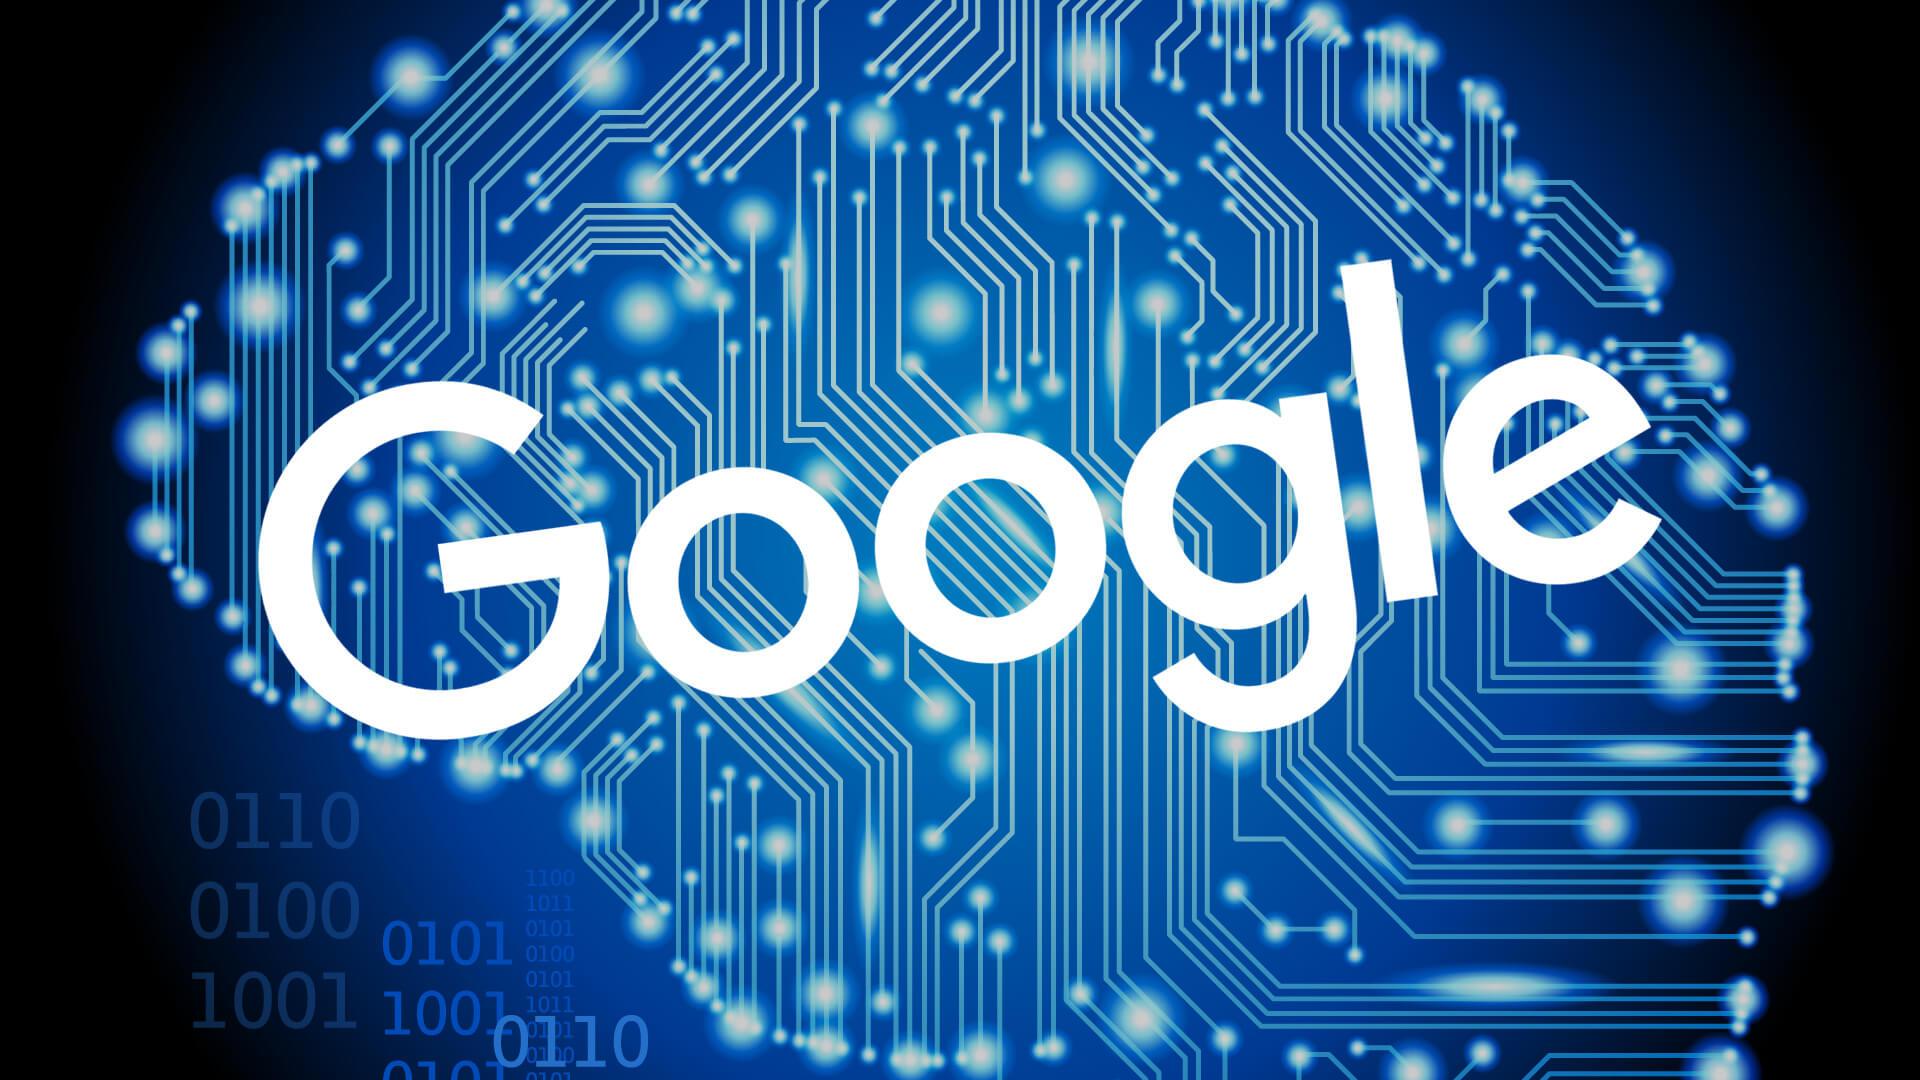 Google's rankbrain gebruikt machine learning om inhoud van websites te begrijpen